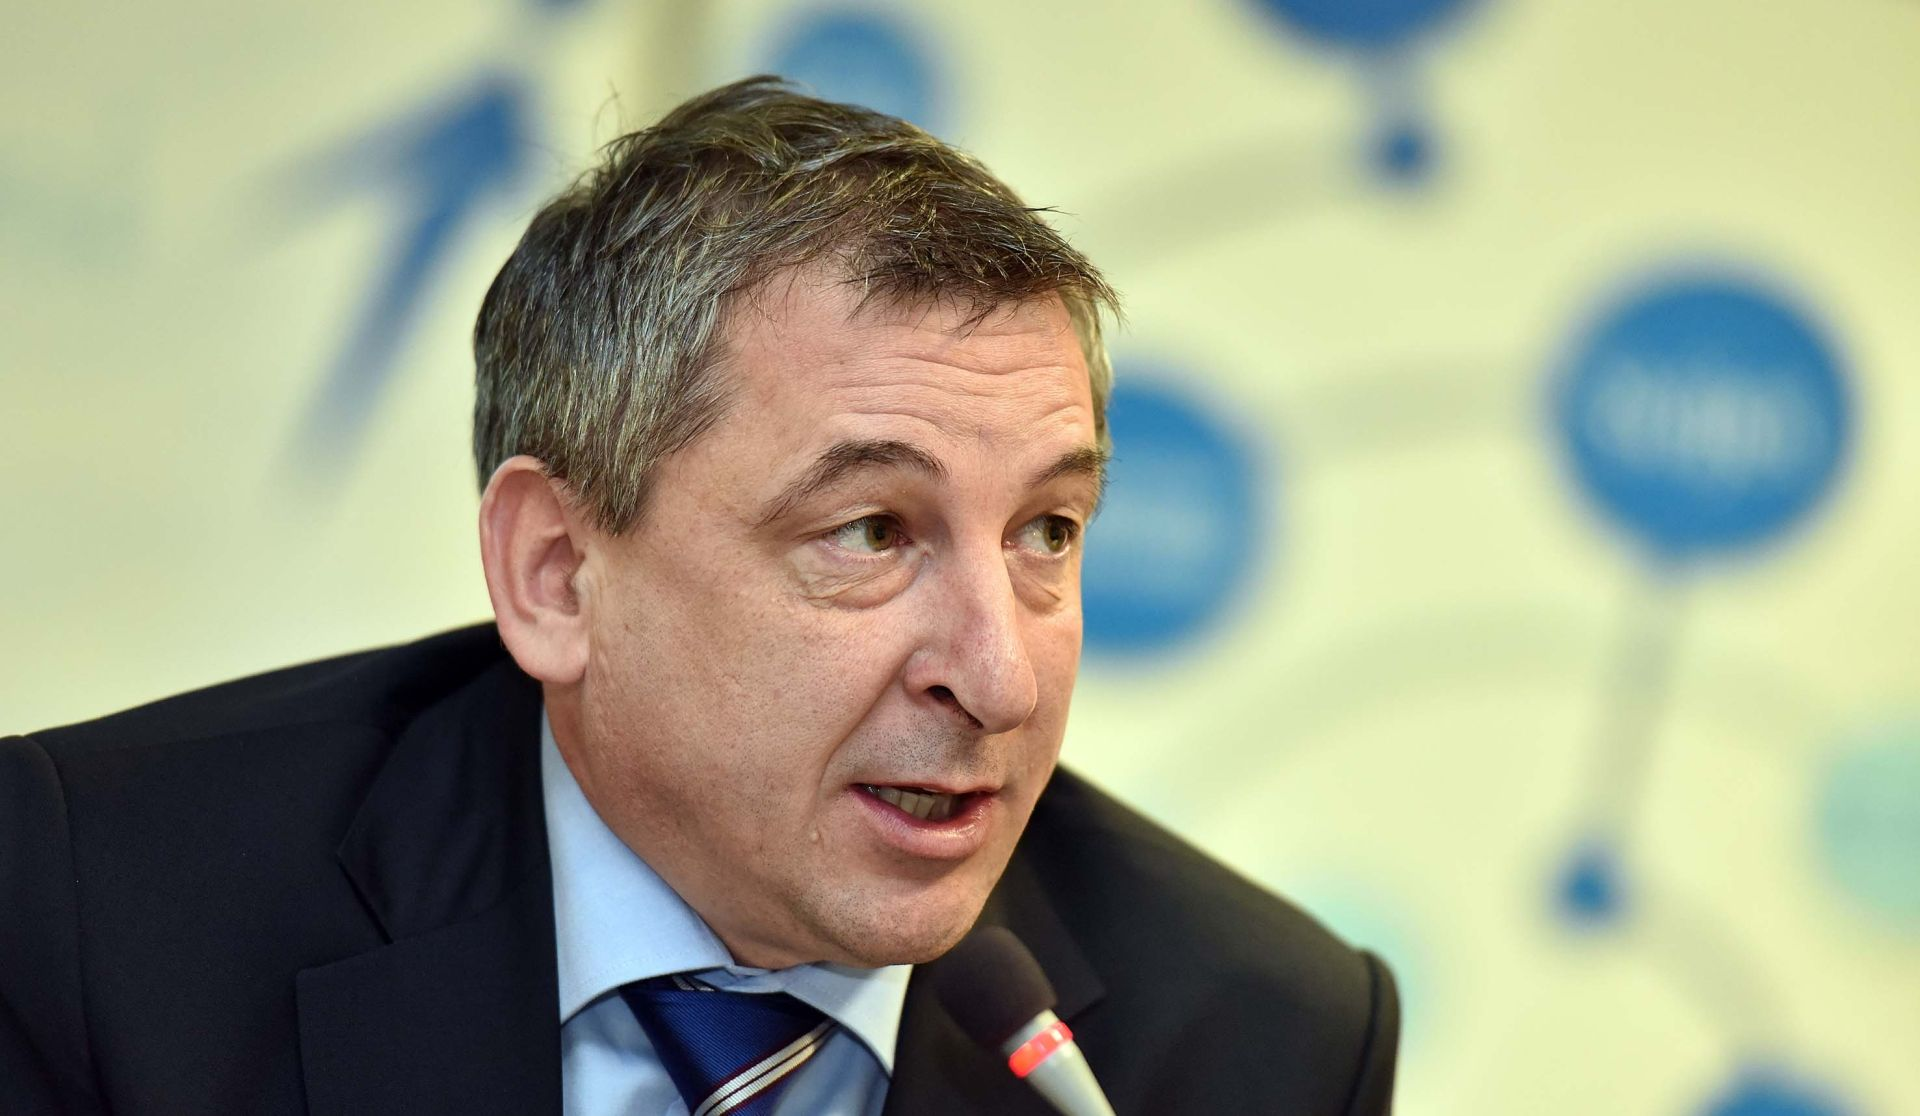 Varaždinski župan proglasio elementarnu nepogodu – šteta veća od 75 milijuna kuna